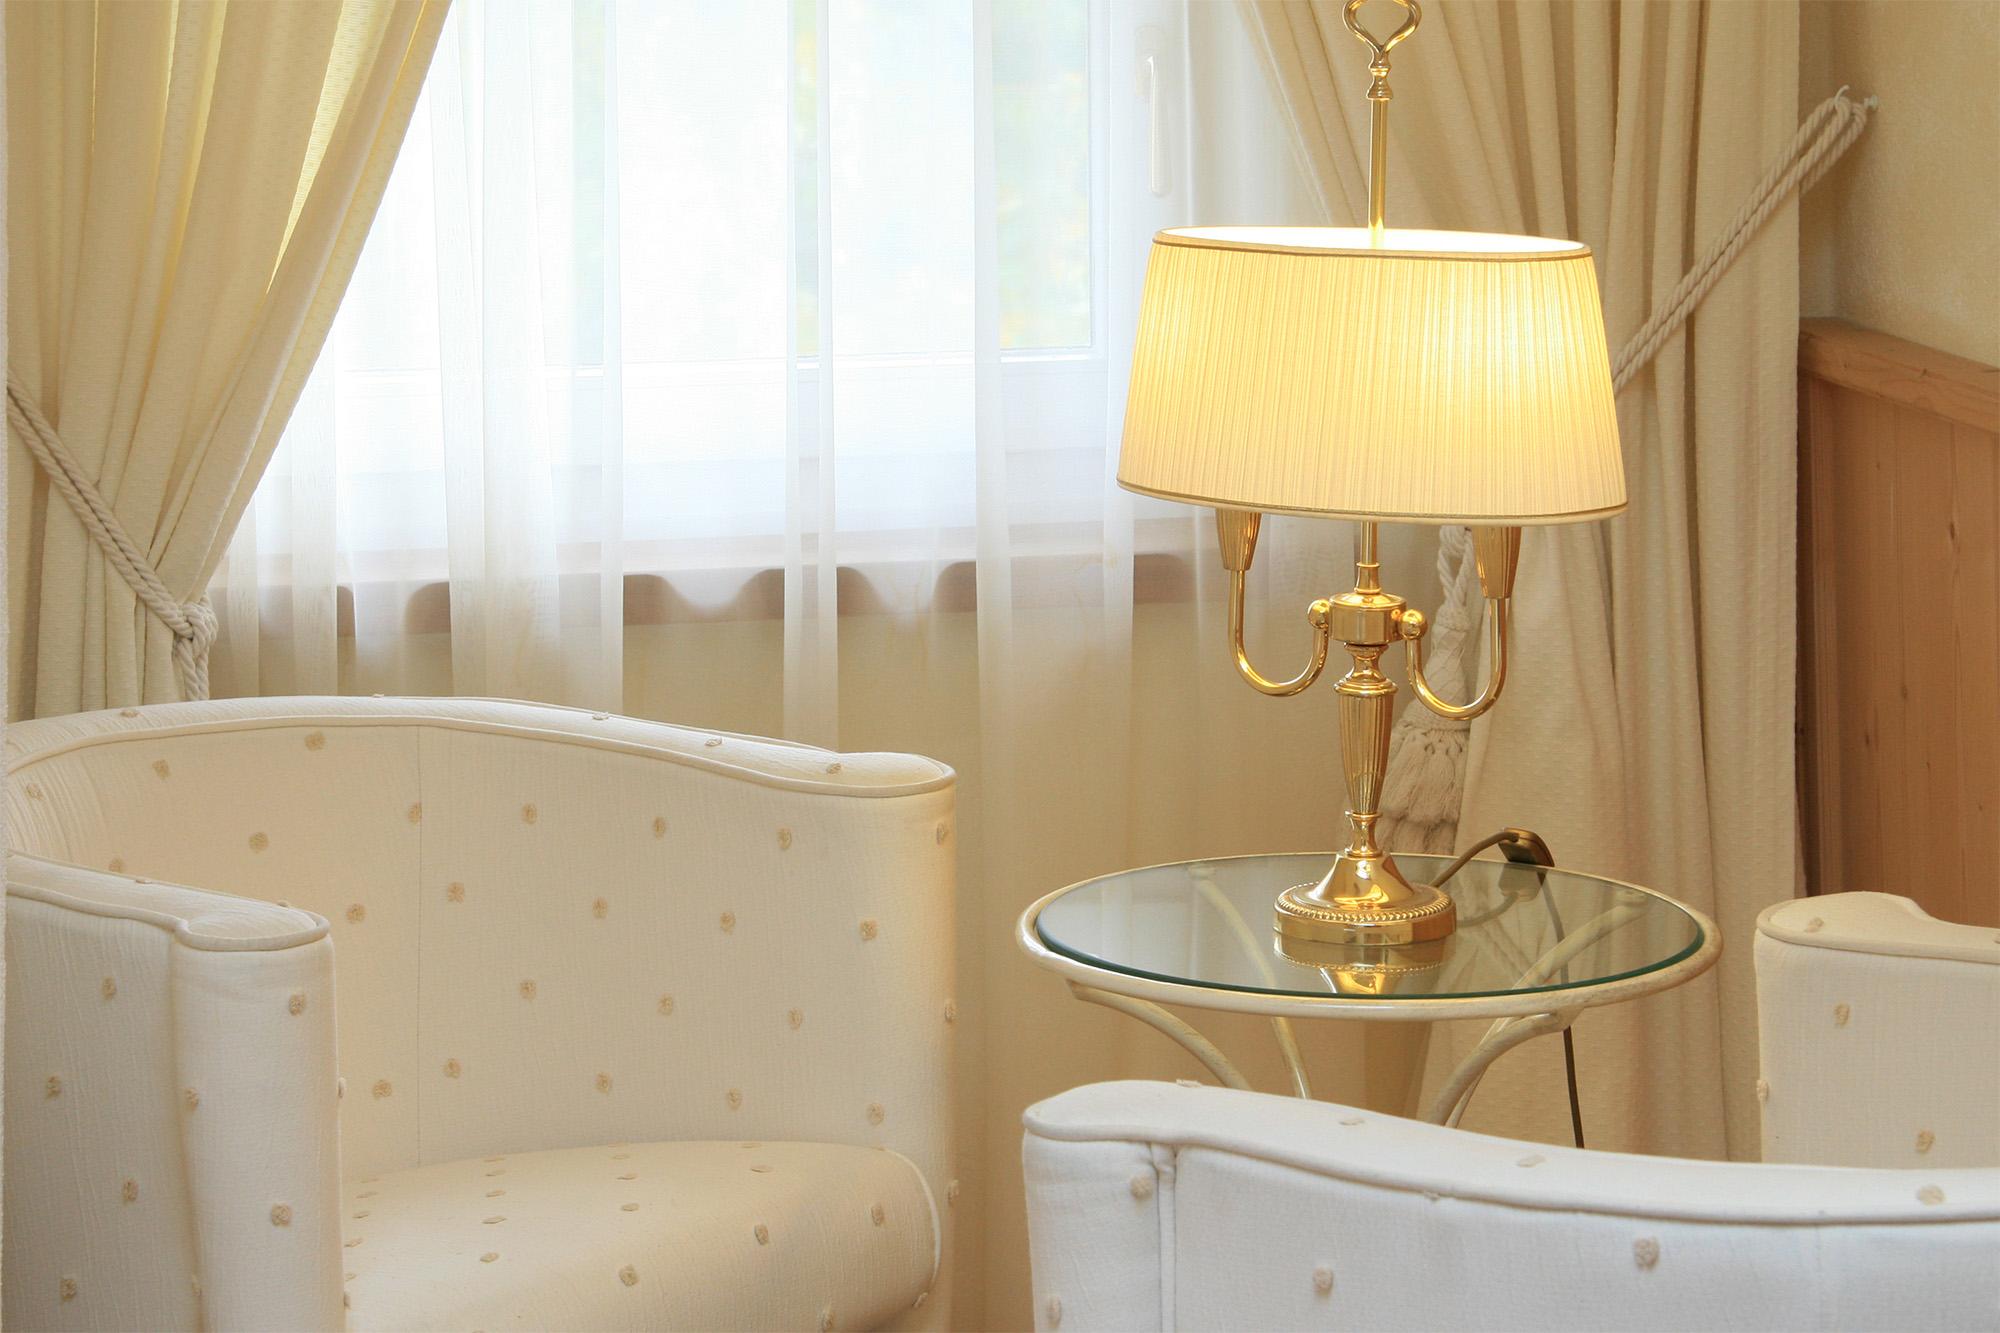 Standardzimmer Sitzbereich Sessel Tischlampe